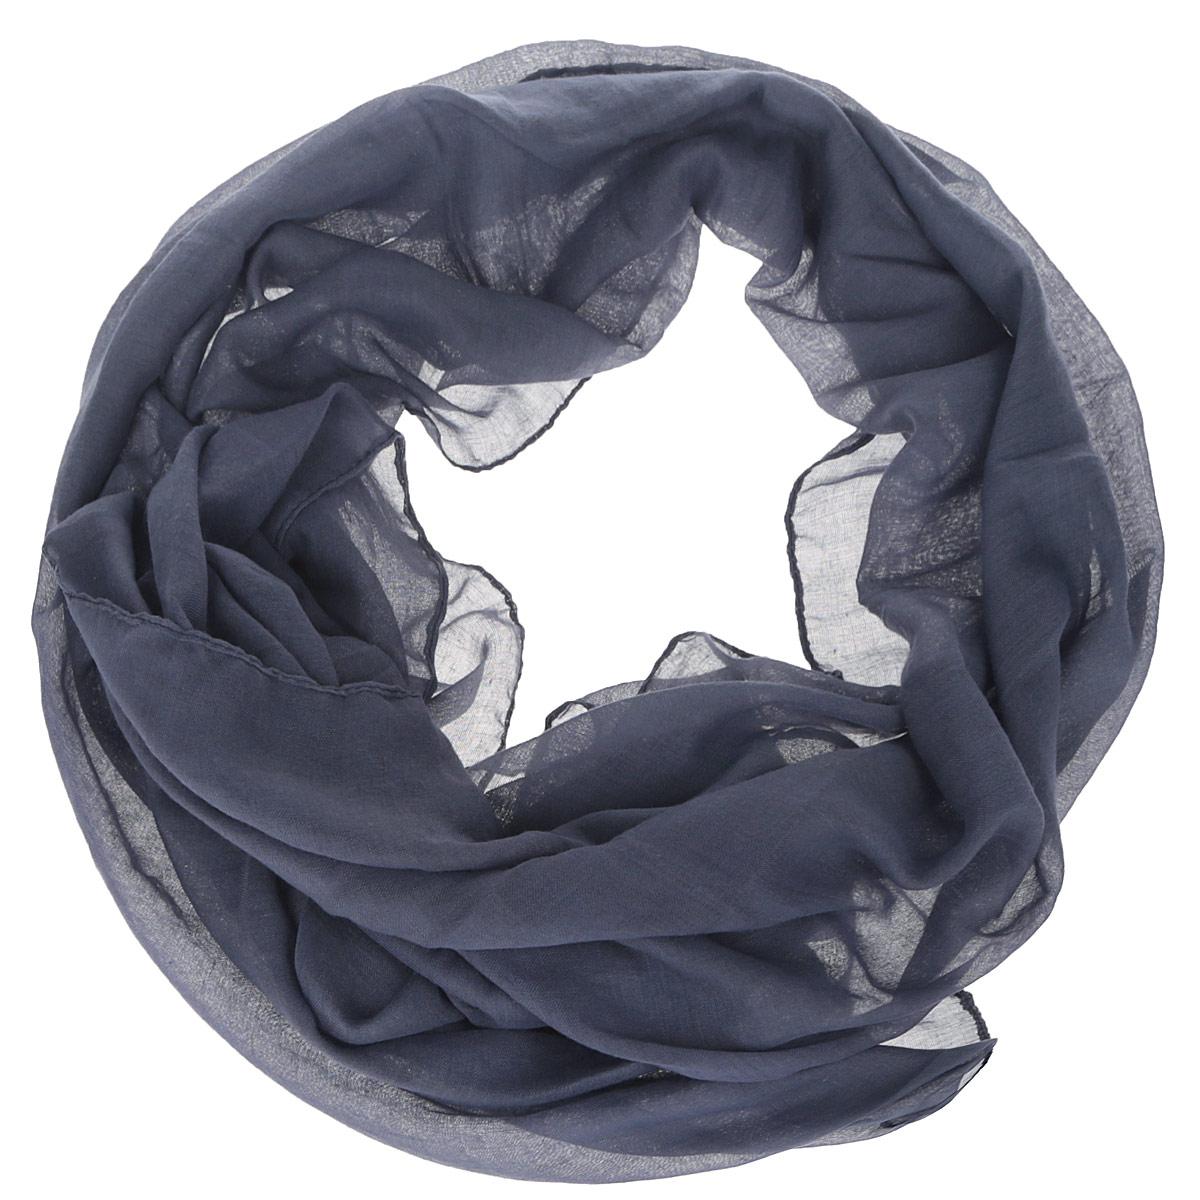 OT2016-2Модный женский шарф Fabretti подарит вам уют и станет стильным аксессуаром, который призван подчеркнуть вашу индивидуальность и женственность. Тонкий шарф выполнен из высококачественной 100% вискозы, он невероятно мягкий и приятный на ощупь. Однотонный шарф будет великолепно сочетаться с любыми нарядами. Этот модный аксессуар гармонично дополнит образ современной женщины, следящей за своим имиджем и стремящейся всегда оставаться стильной и элегантной. Такой шарф украсит любой наряд и согреет вас в непогоду, с ним вы всегда будете выглядеть изысканно и оригинально.